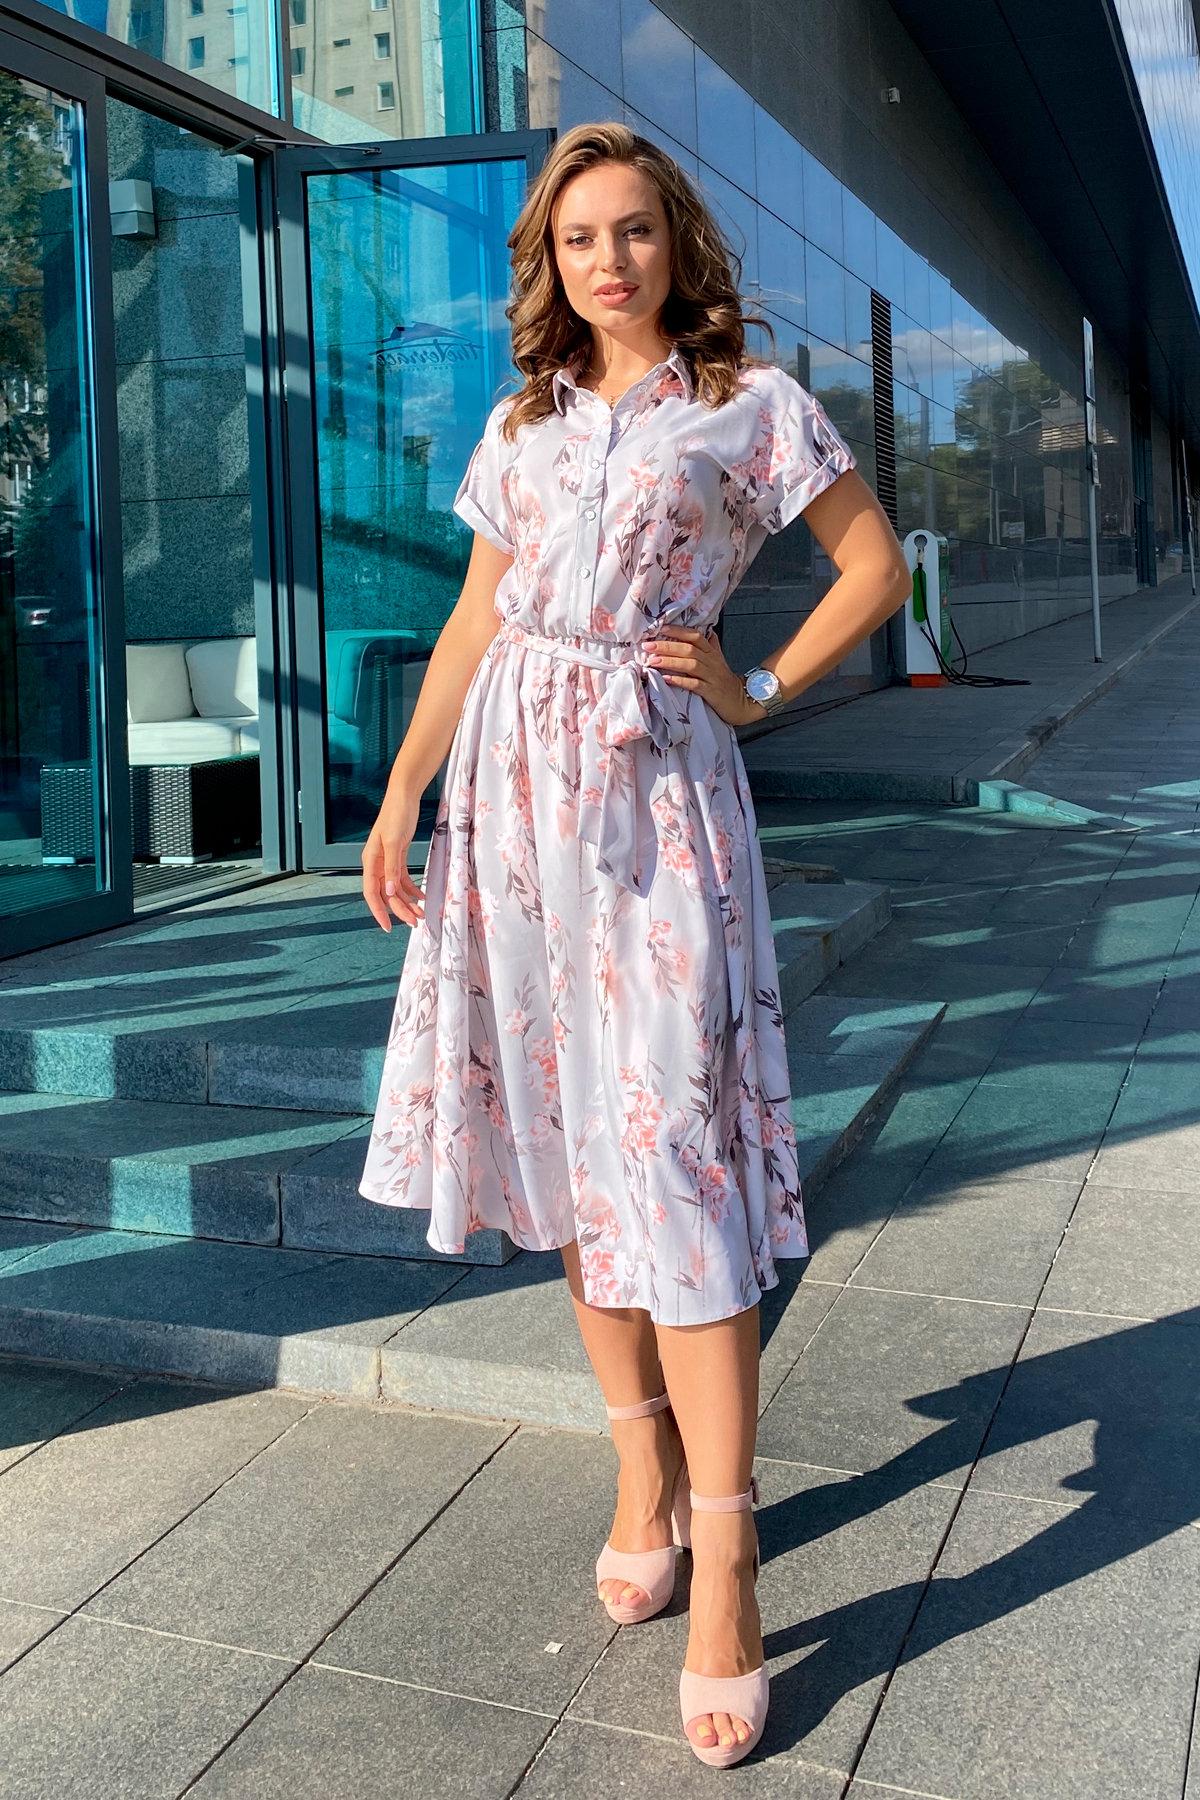 Платье Санжар 9090 АРТ. 45968 Цвет: Цветы на ветке серый/пудра - фото 5, интернет магазин tm-modus.ru